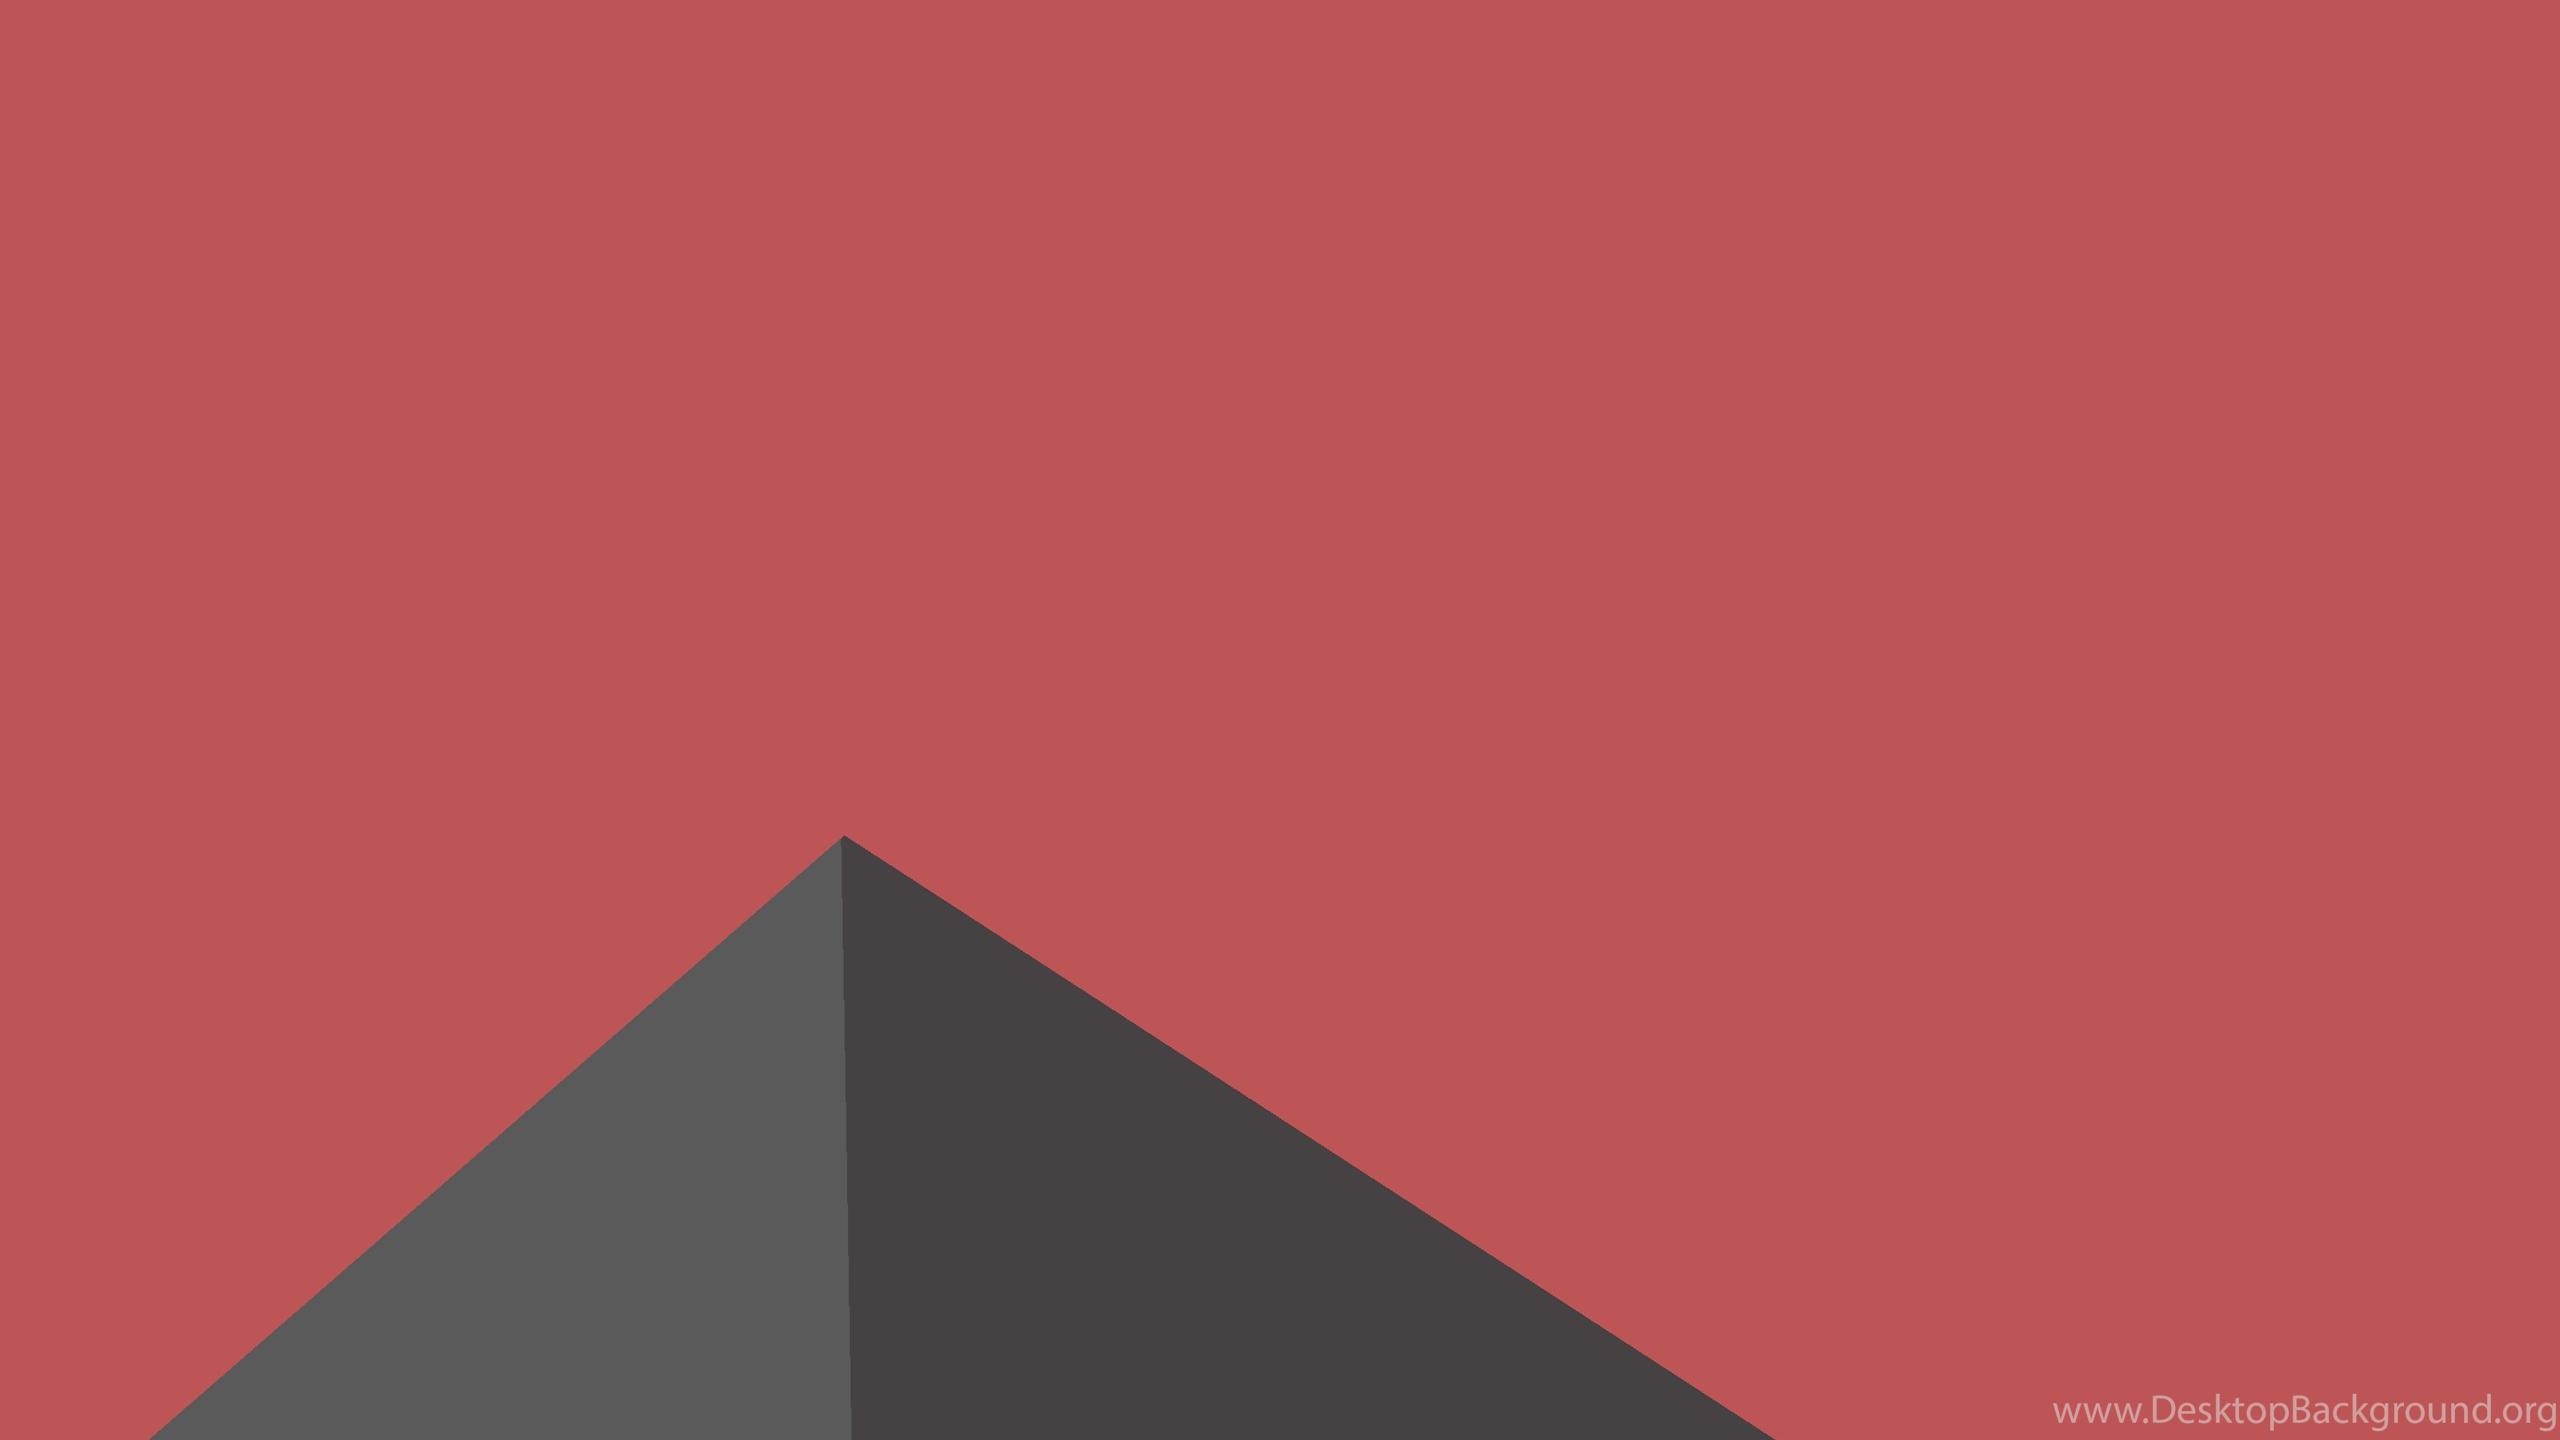 Material Design Hd Desktop Wallpaper 23164: Download 11 Lollipop Material Design HD Wallpapers Desktop